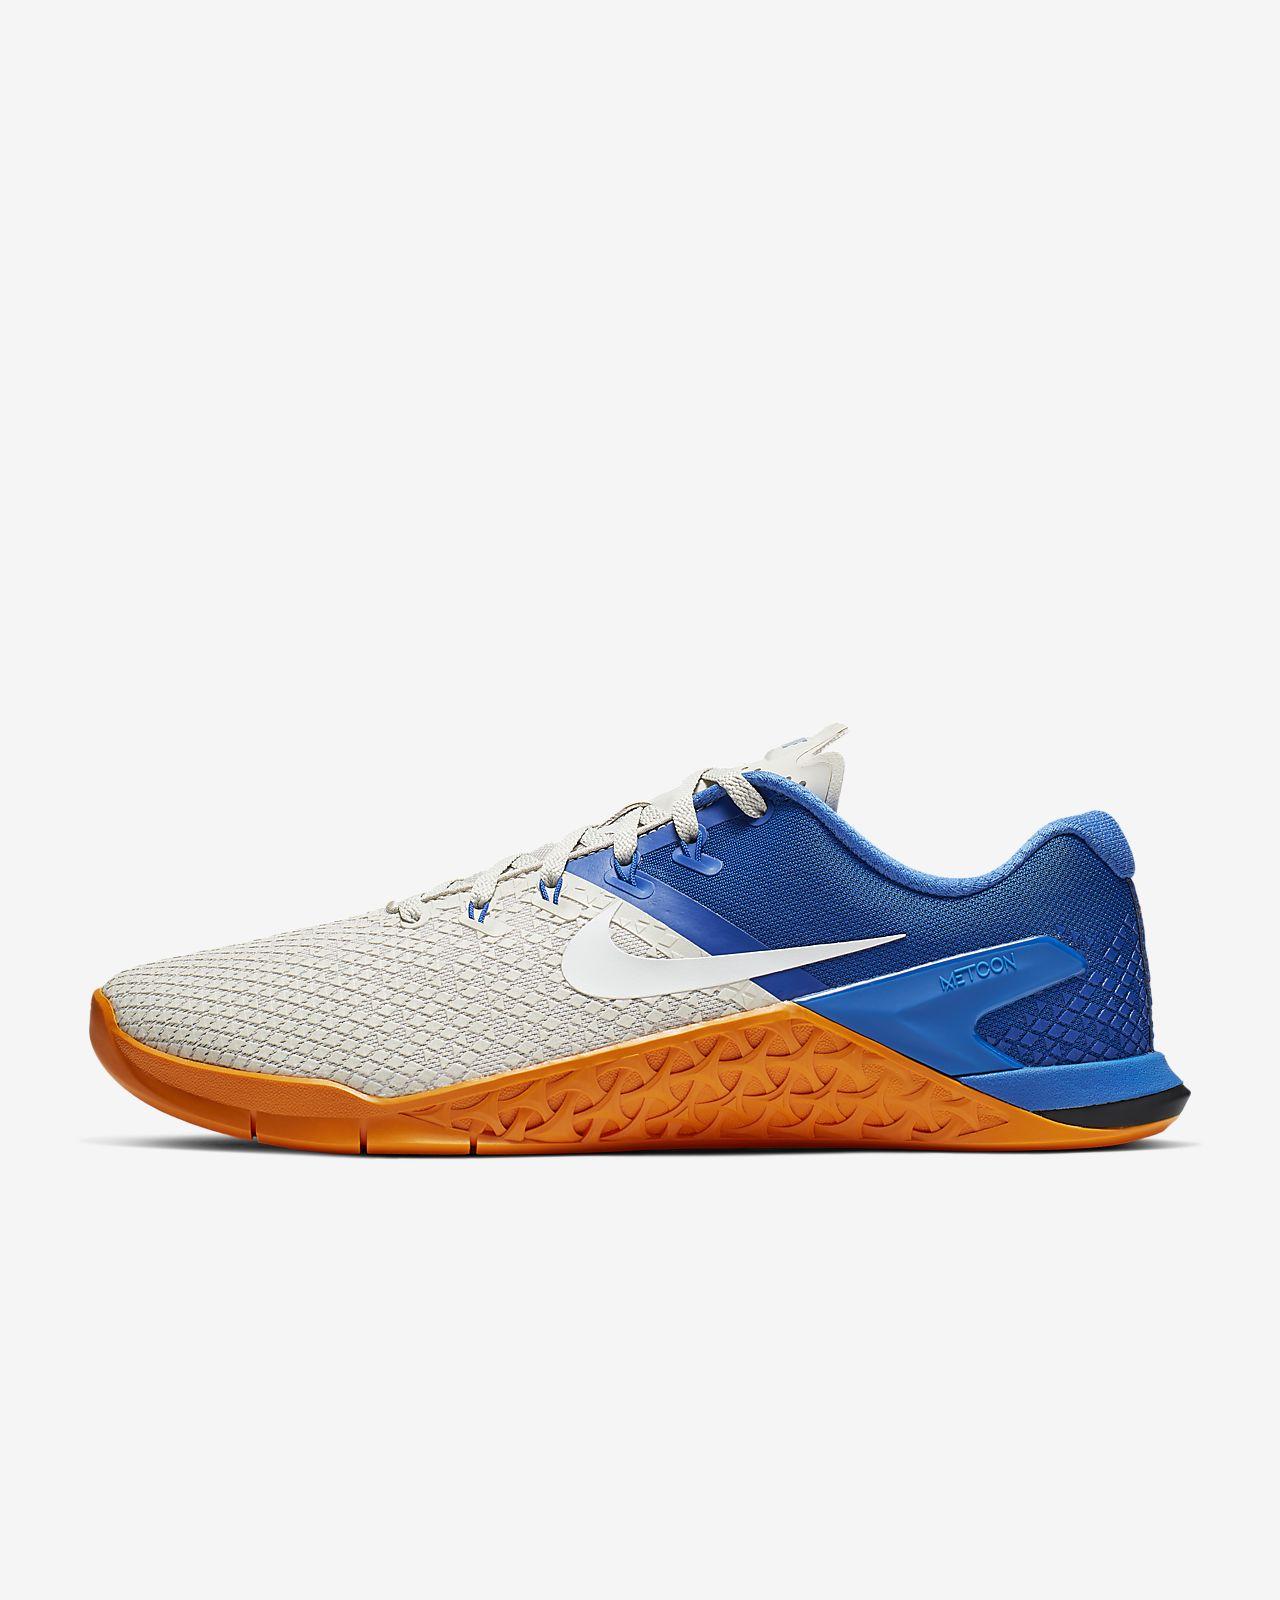 Träningssko Nike Metcon 4 XD för män